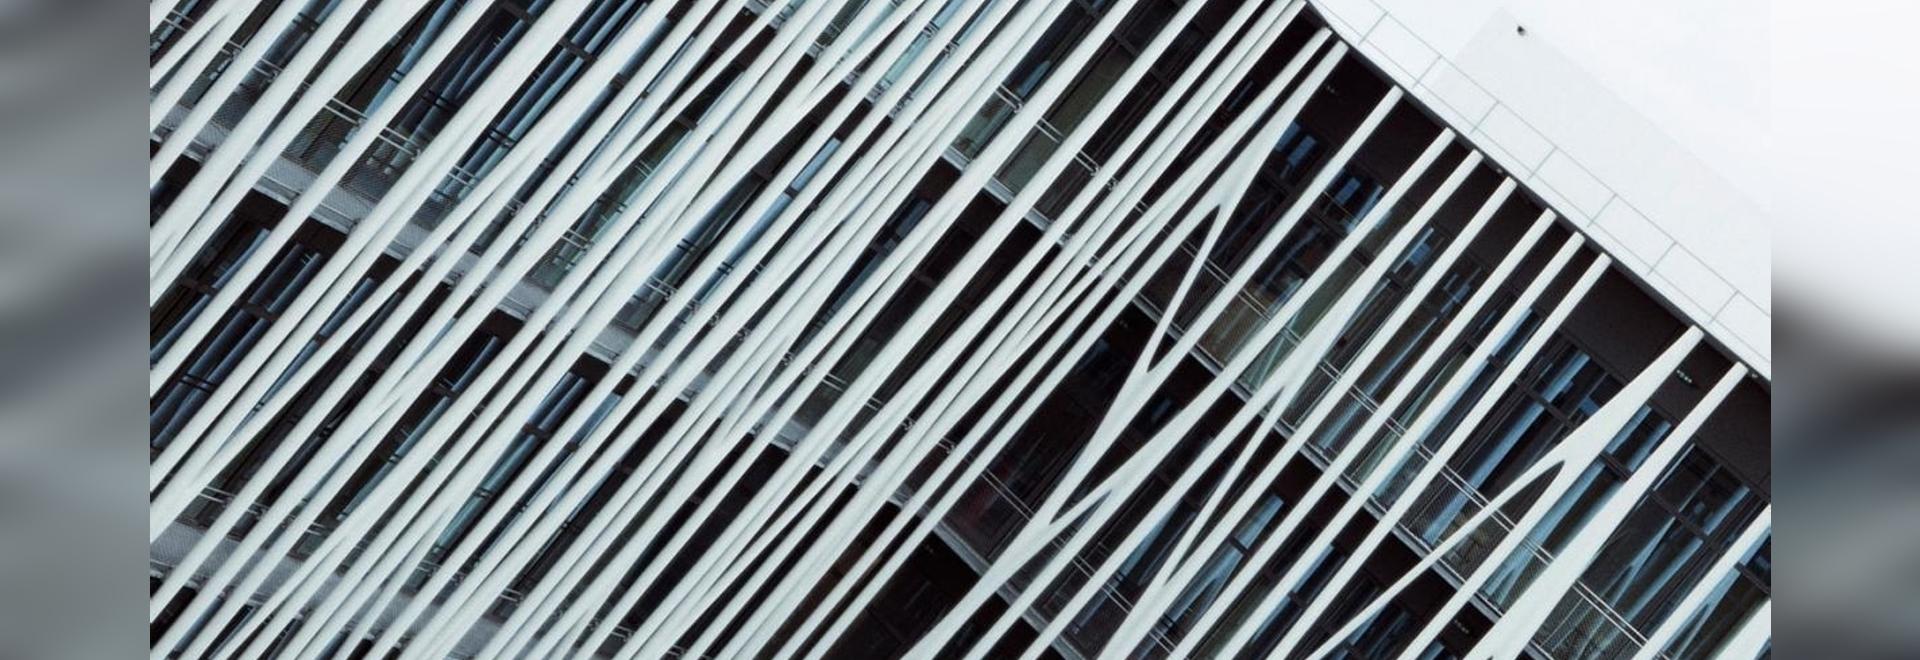 L'edificio Chanel 19M a Aubervilliers, Parigi, progettato da Rudy Ricciotti e avvolto da 231 strutture filiformi di cemento bianco, è il nuovo quartier generale degli atelier dei mestieri d'arte de...